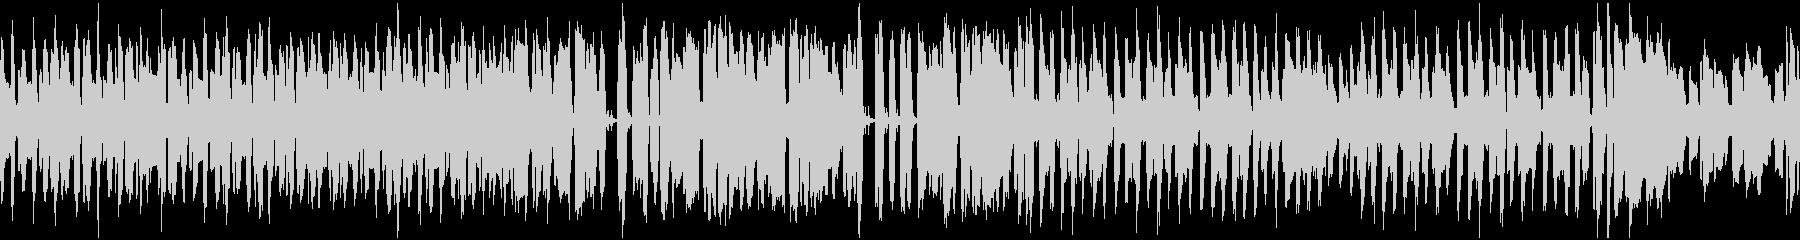 素朴でのんびりした曲_ループの未再生の波形